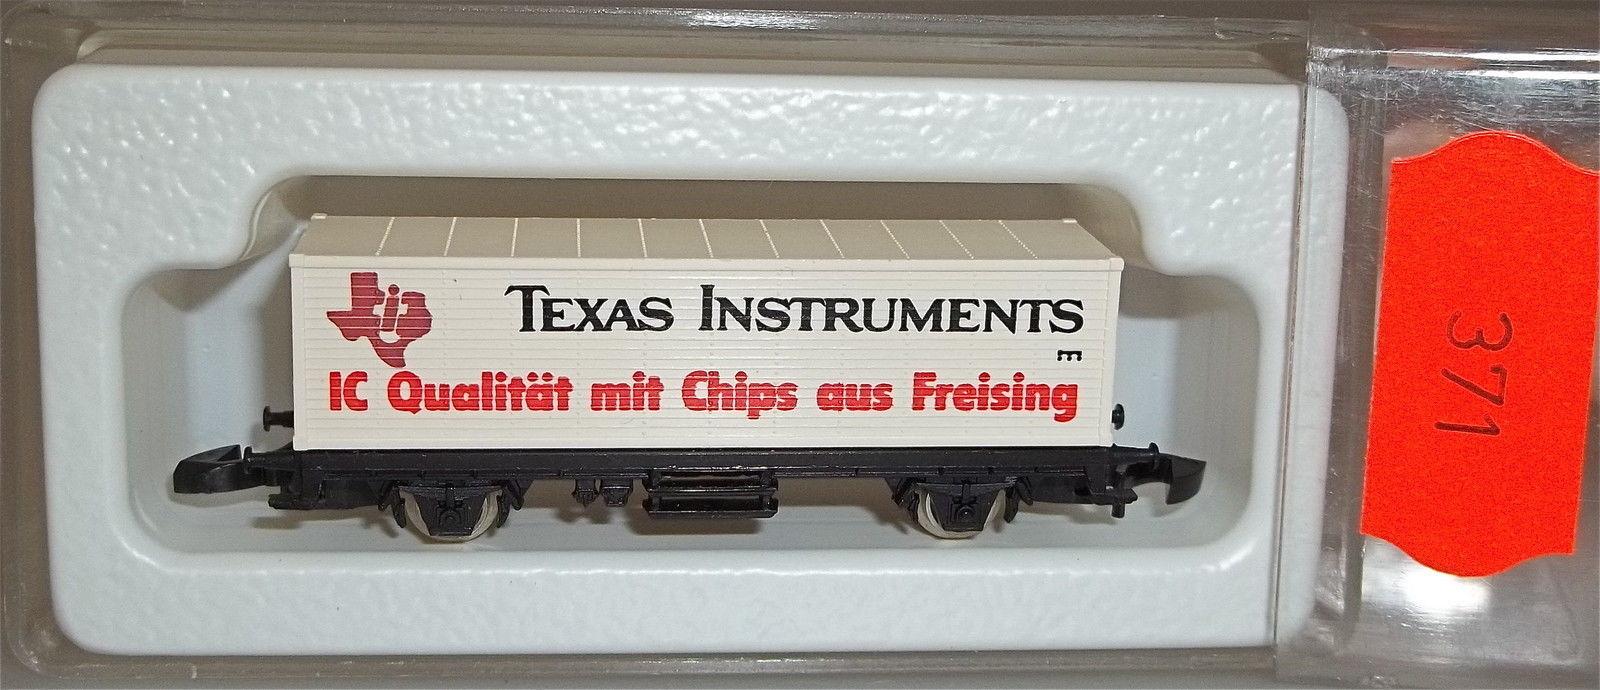 Texas Instruments Kolls 88721 Märklin 8615 Scala Z 1:220 371 Å